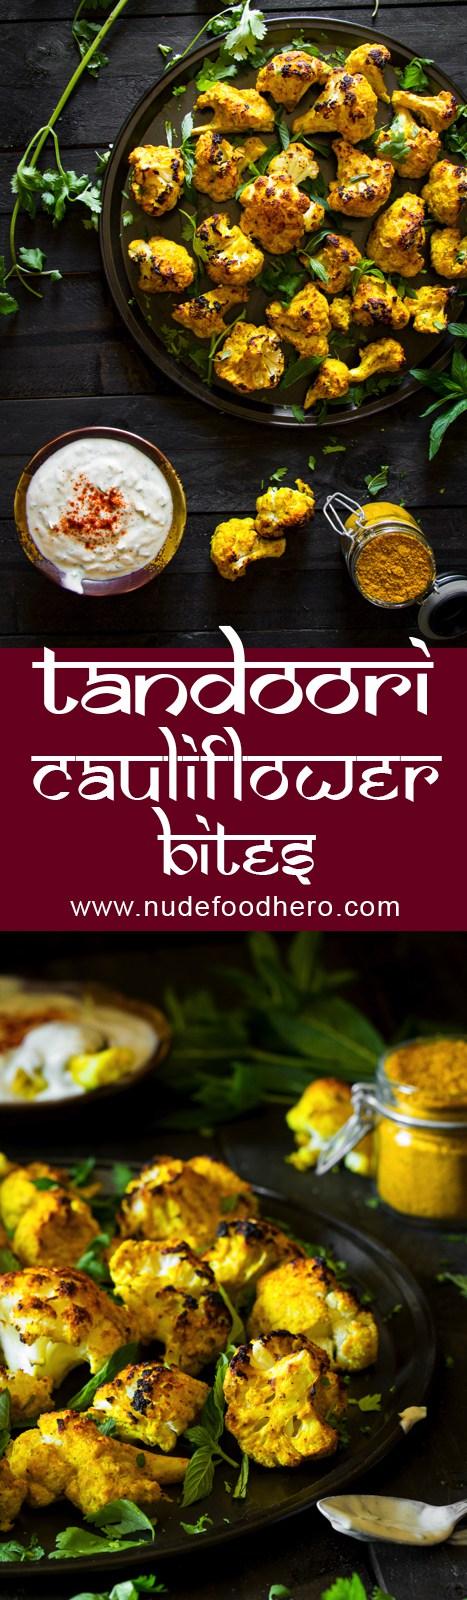 Tandoori Cauliflower-Bites